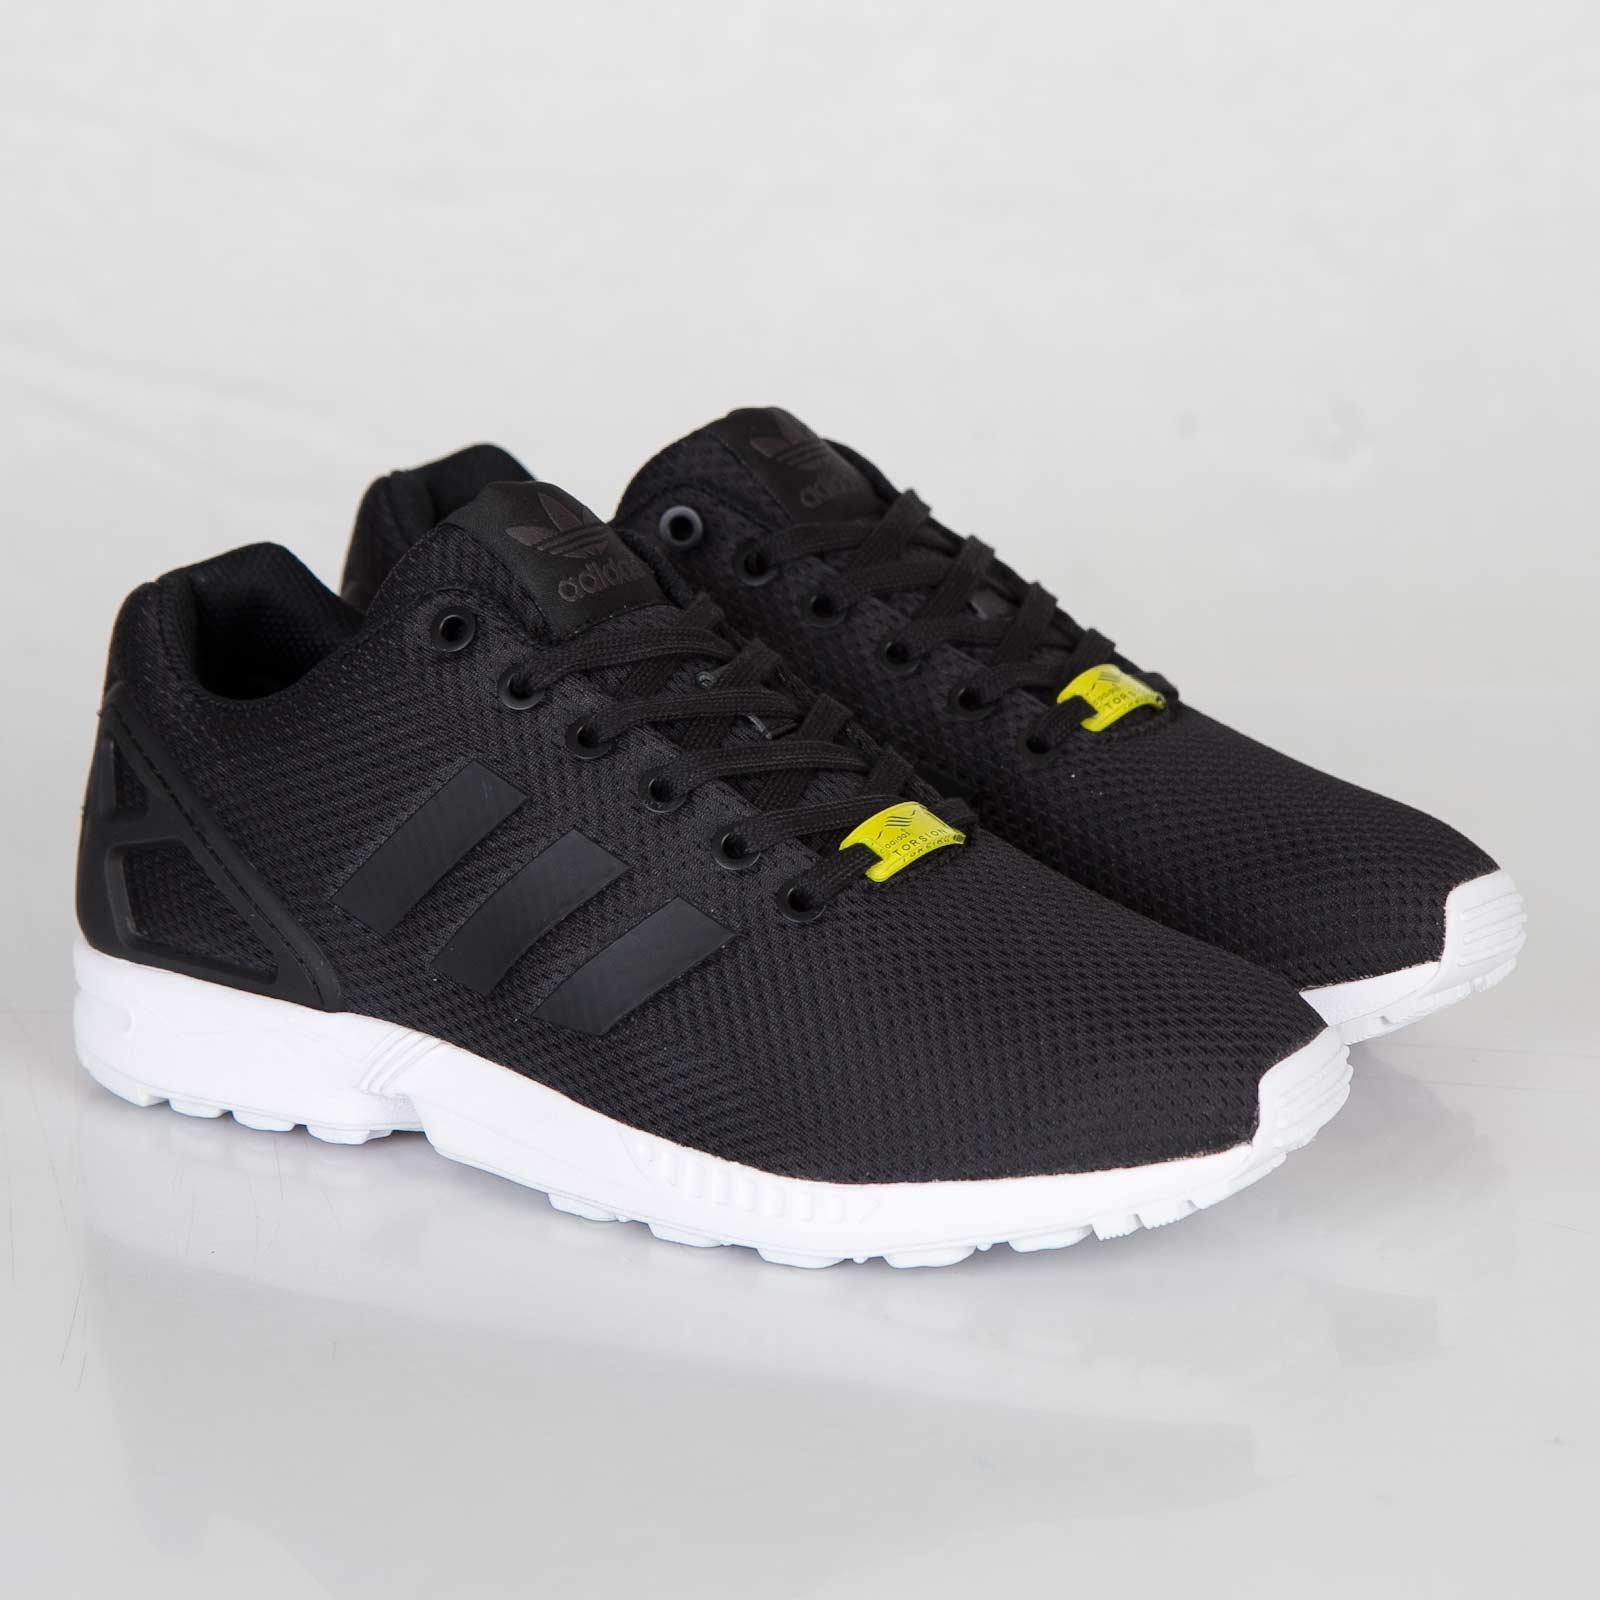 outlet store 990c0 a4132 ... noir blanc b8ef2 16eef shop adidas zx flux 80c84 da881 ...